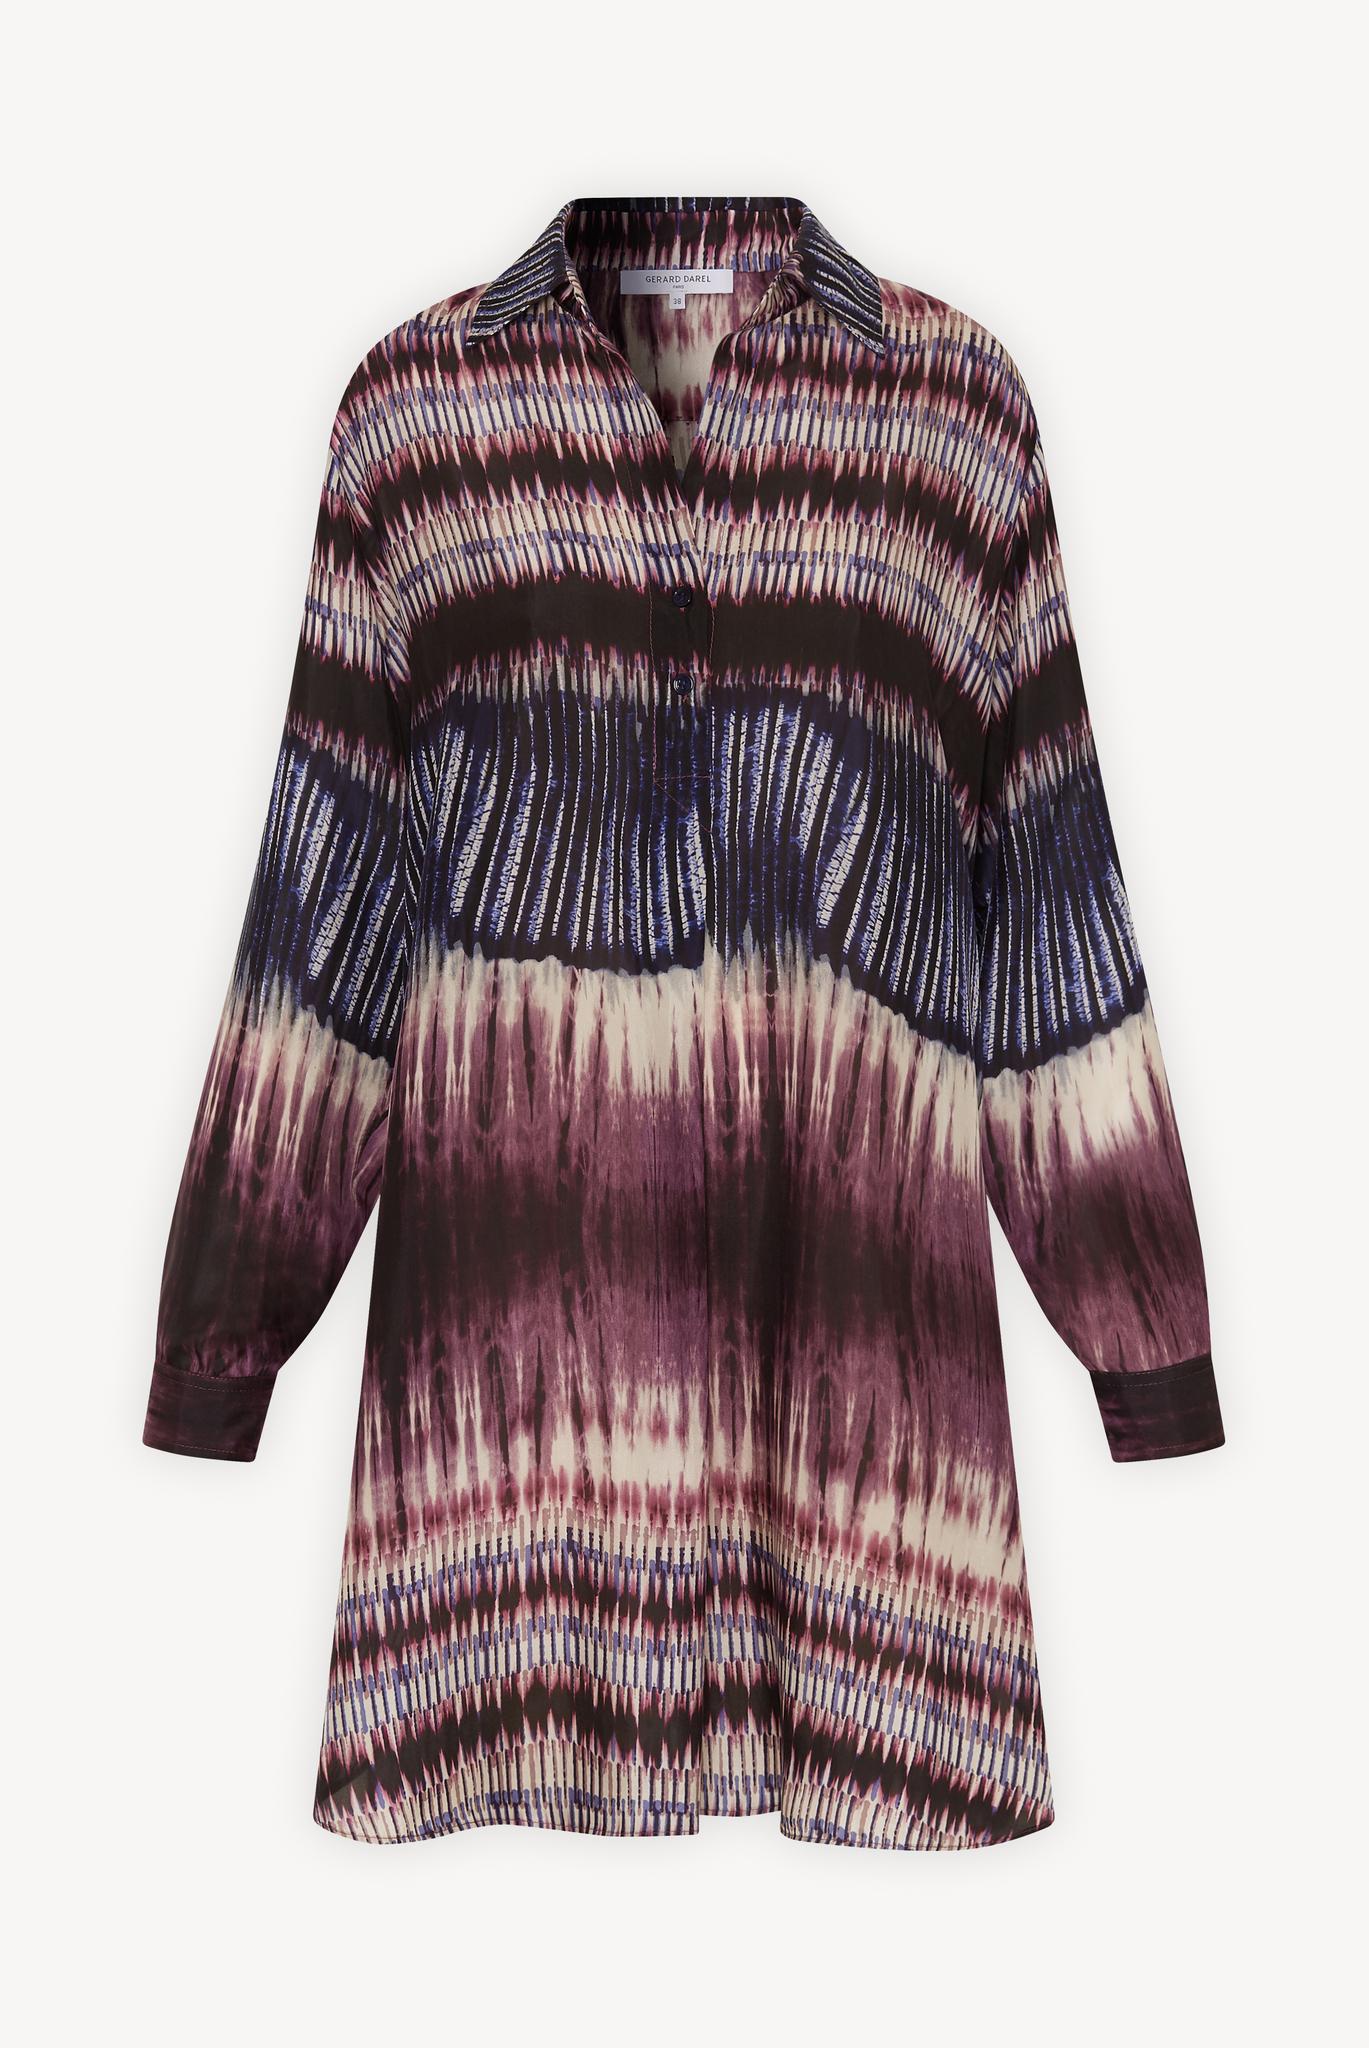 SADE - Короткое шелковое платье-рубашка с принтом тай-дай